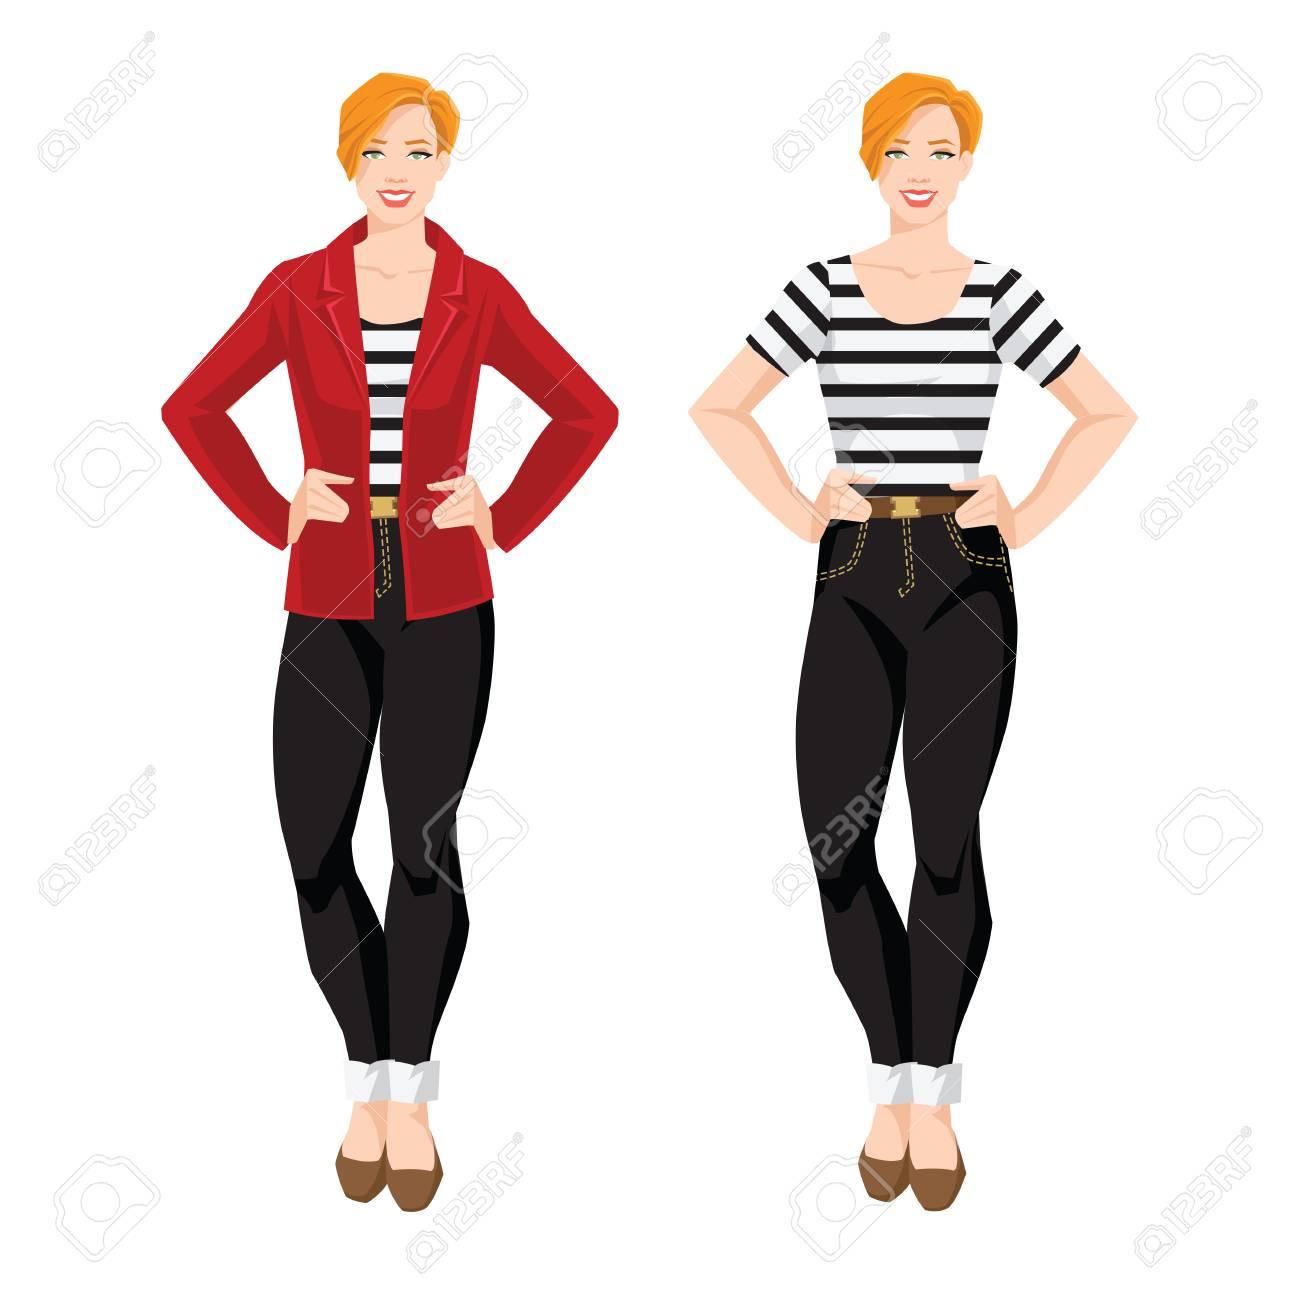 ストライプのシャツ黒のジーンズ赤いジャケットフラットかかとに靴